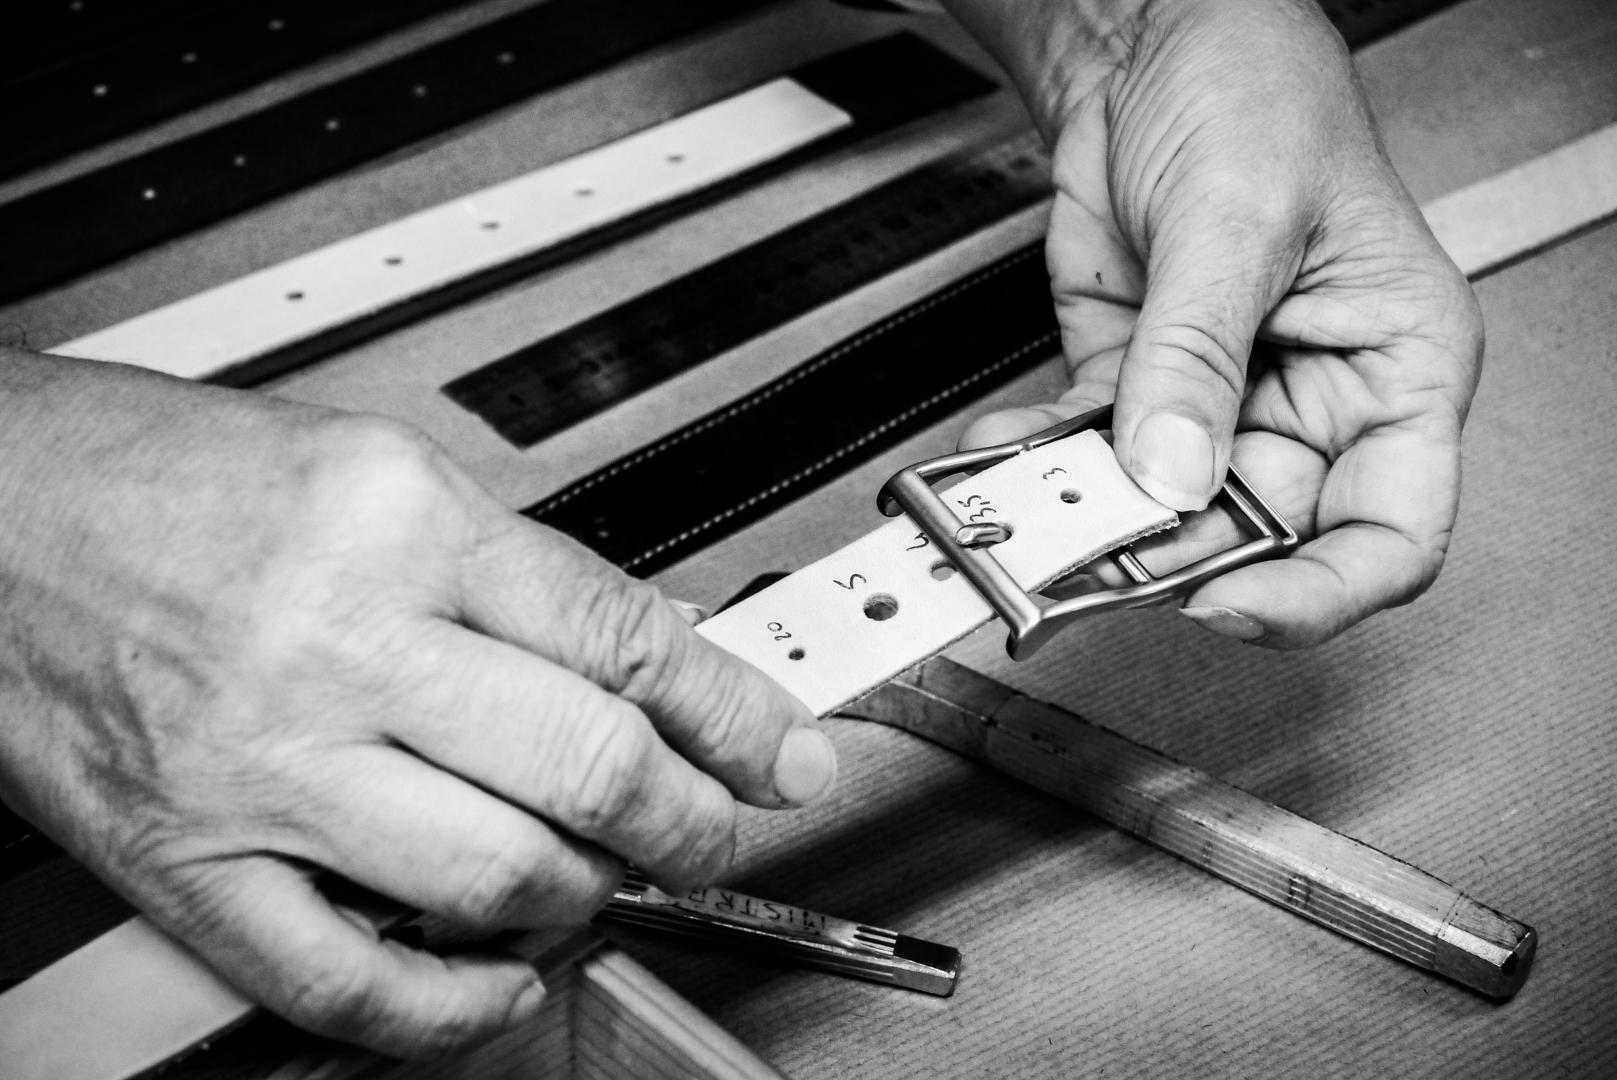 selection-calibrage-trou-ceinture-maroquinerie-locre-paris-locre-cuir-maison-locre-maroquinerie